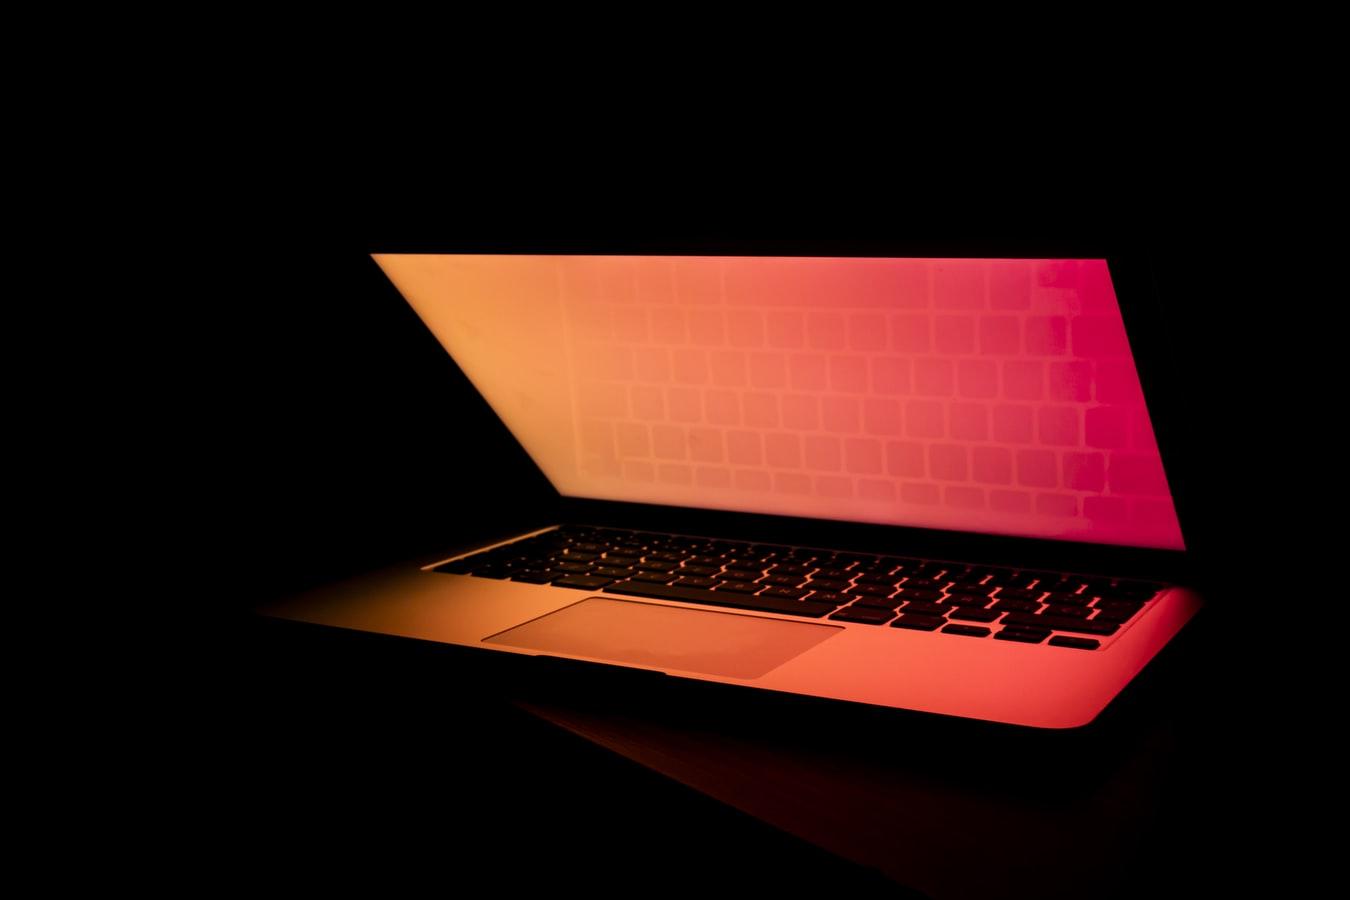 Μεγάλο «χτύπημα» στο οργανωμένο έγκλημα- Γαλλία και Ολλανδία διέλυσαν παγκόσμιο δίκτυο κρυπτογραφημένων επικοινωνιών